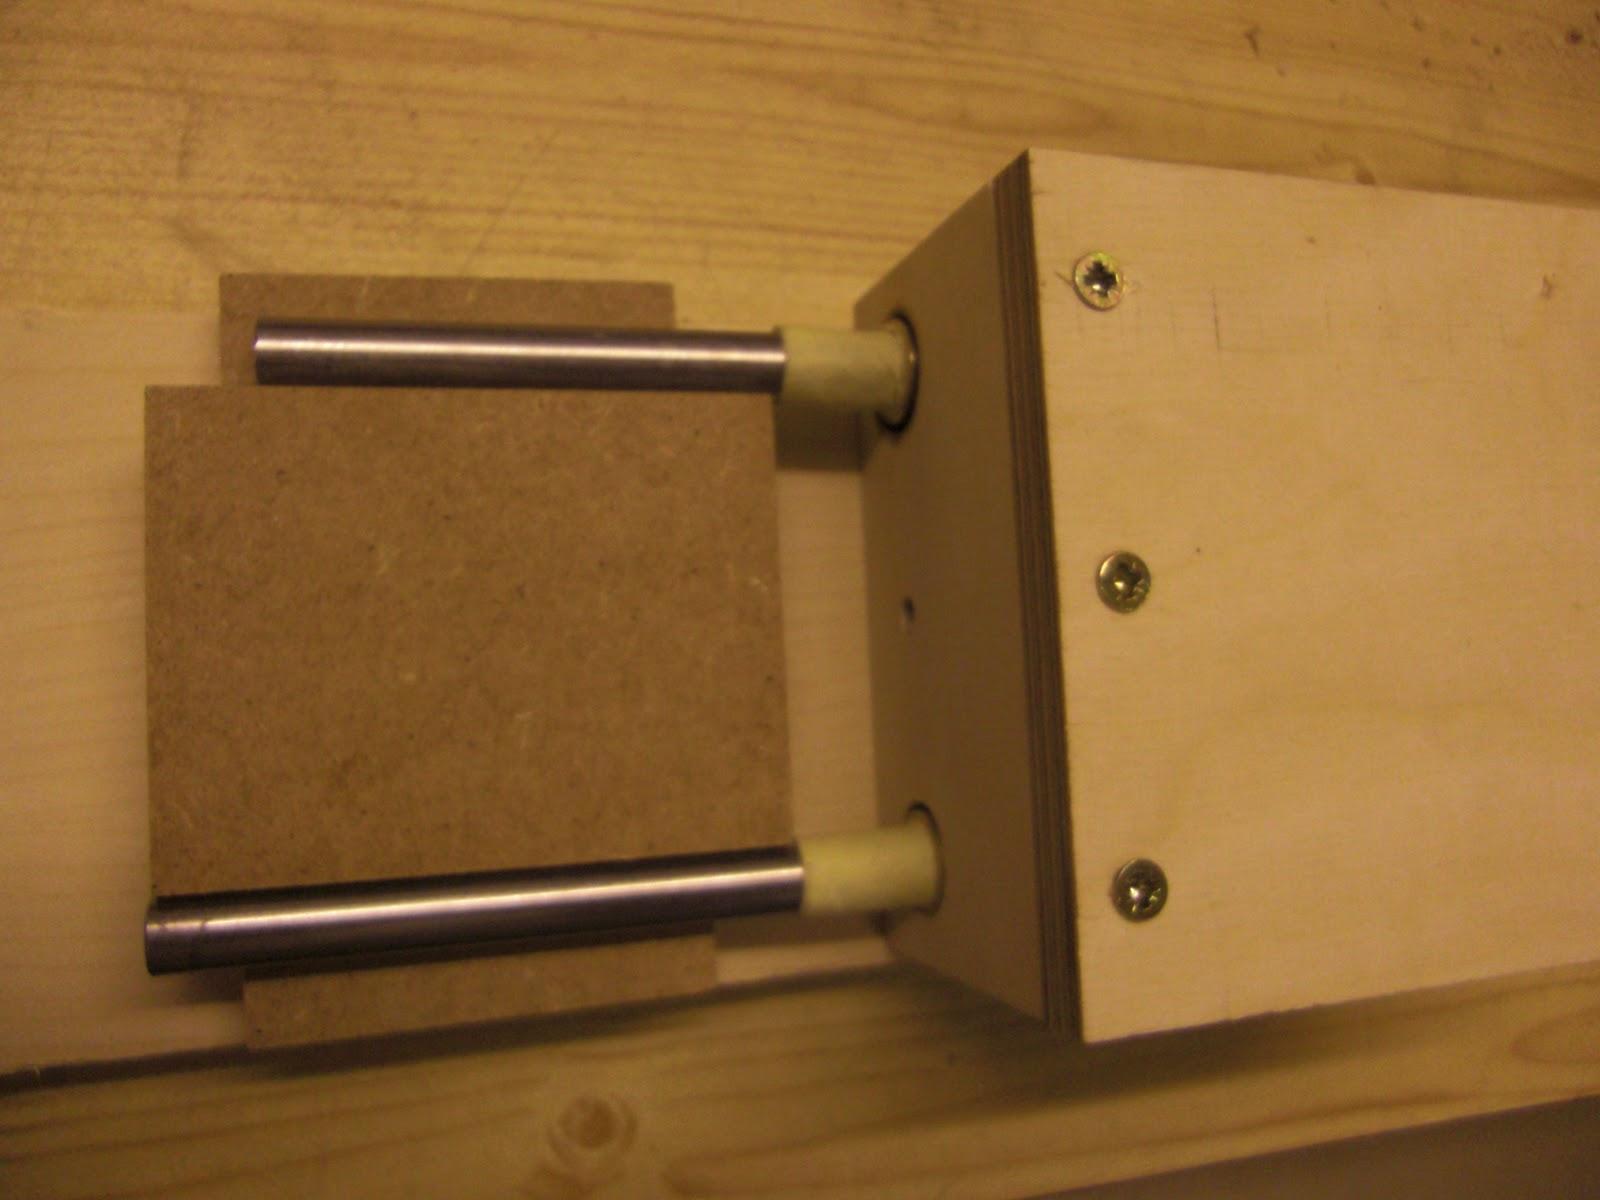 cnc fr smaschine aus holz zum selbermachen wie baue ich eine achse teil 1. Black Bedroom Furniture Sets. Home Design Ideas